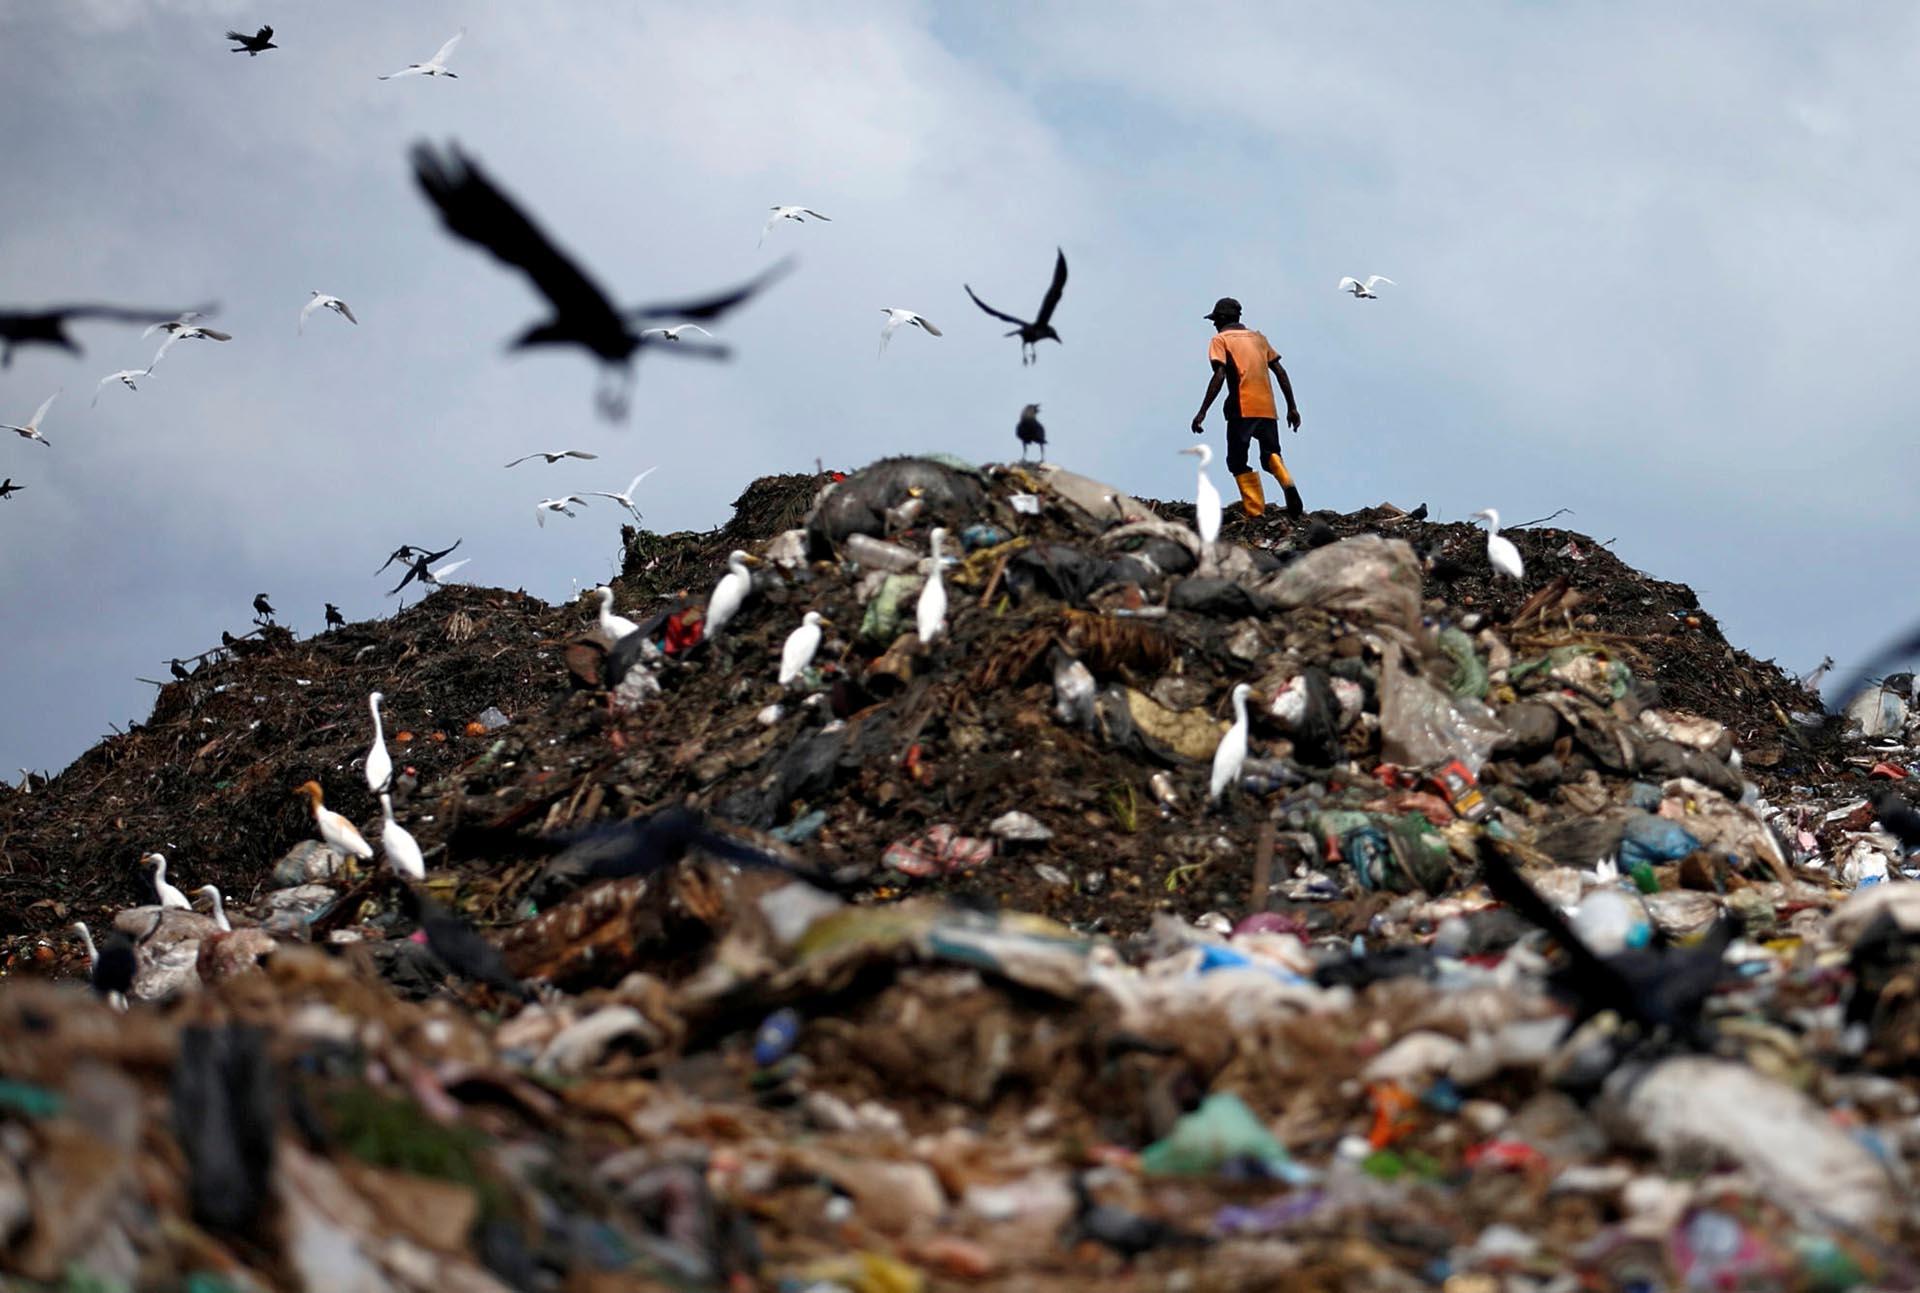 Un hombre recoge plástico para reciclar en un vertedero de basura en Colombo, Sri Lanka